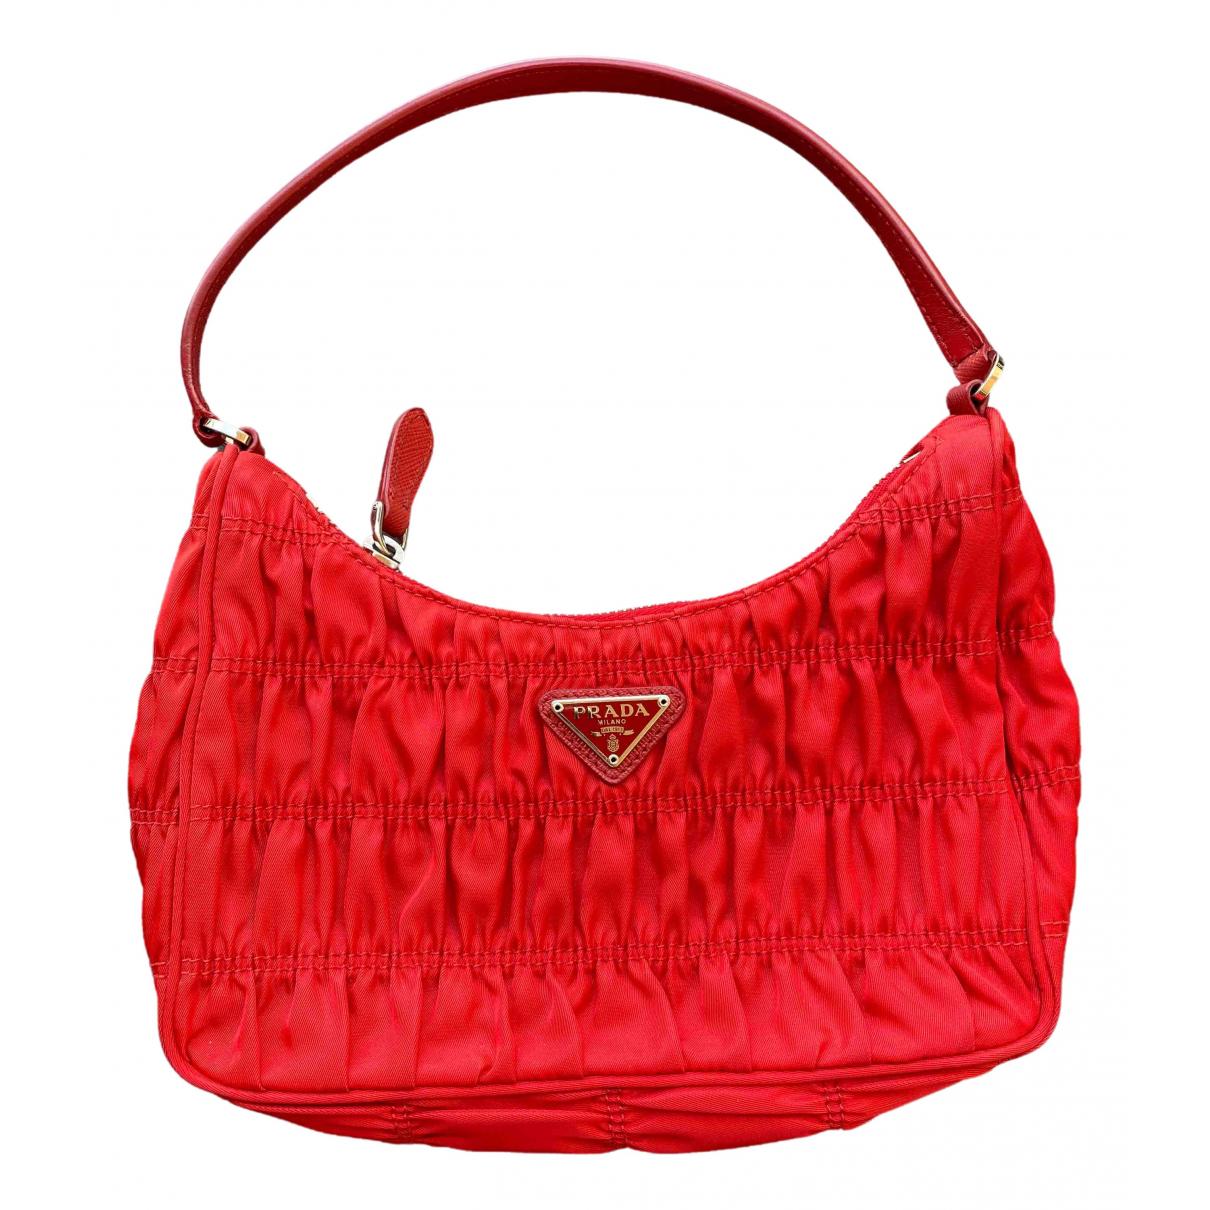 Prada saffiano  Handtasche in  Rot Leinen